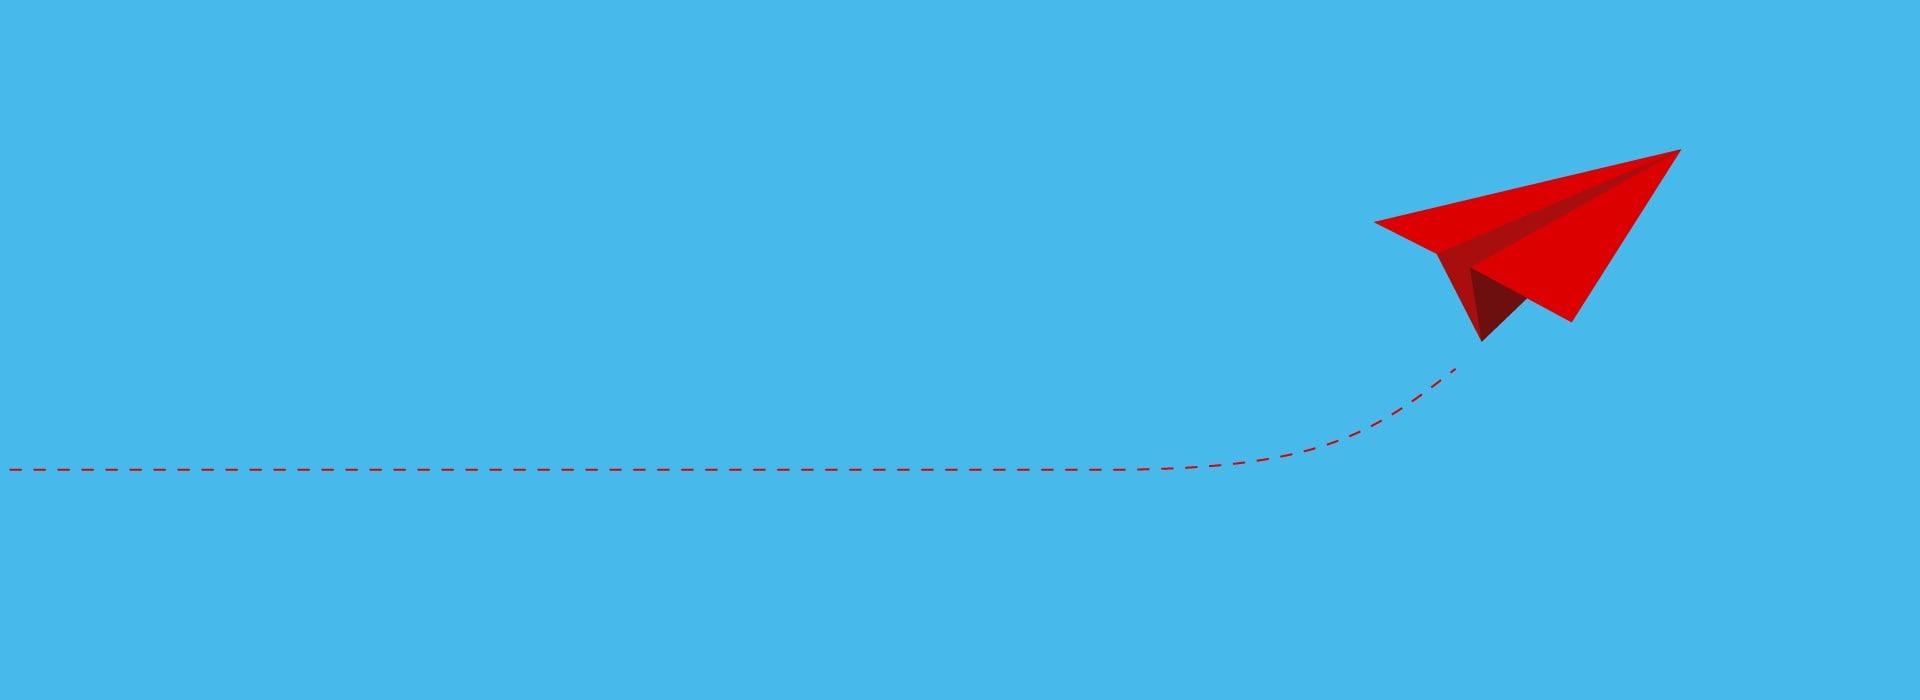 Gartner_2020_Home-Page-Banner_BG-1920x700